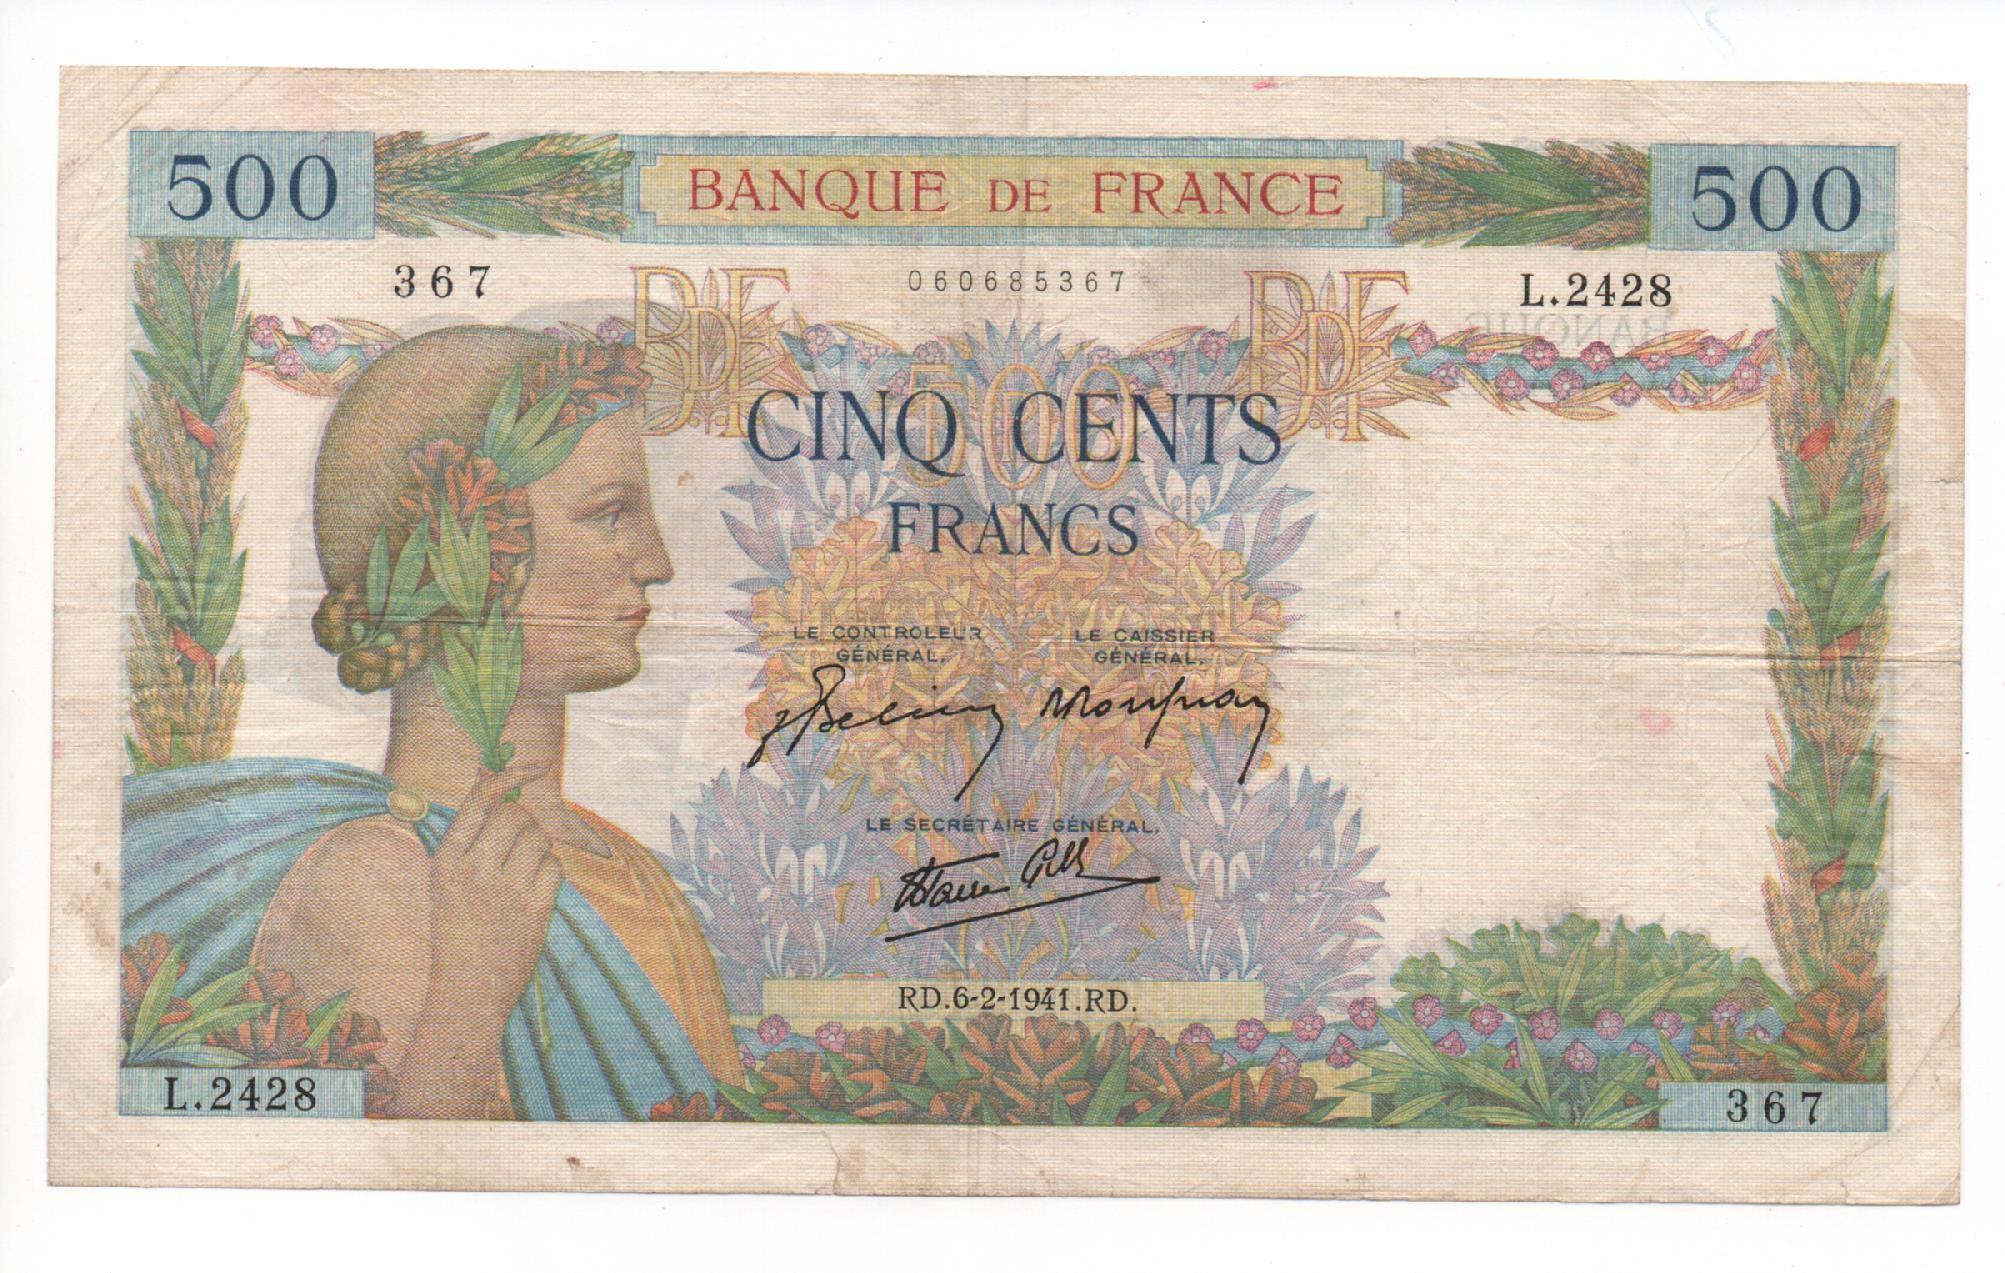 Billet De 500 Francs La Paix Type 1939 - 1942 tout Billet De 5 Euros À Imprimer